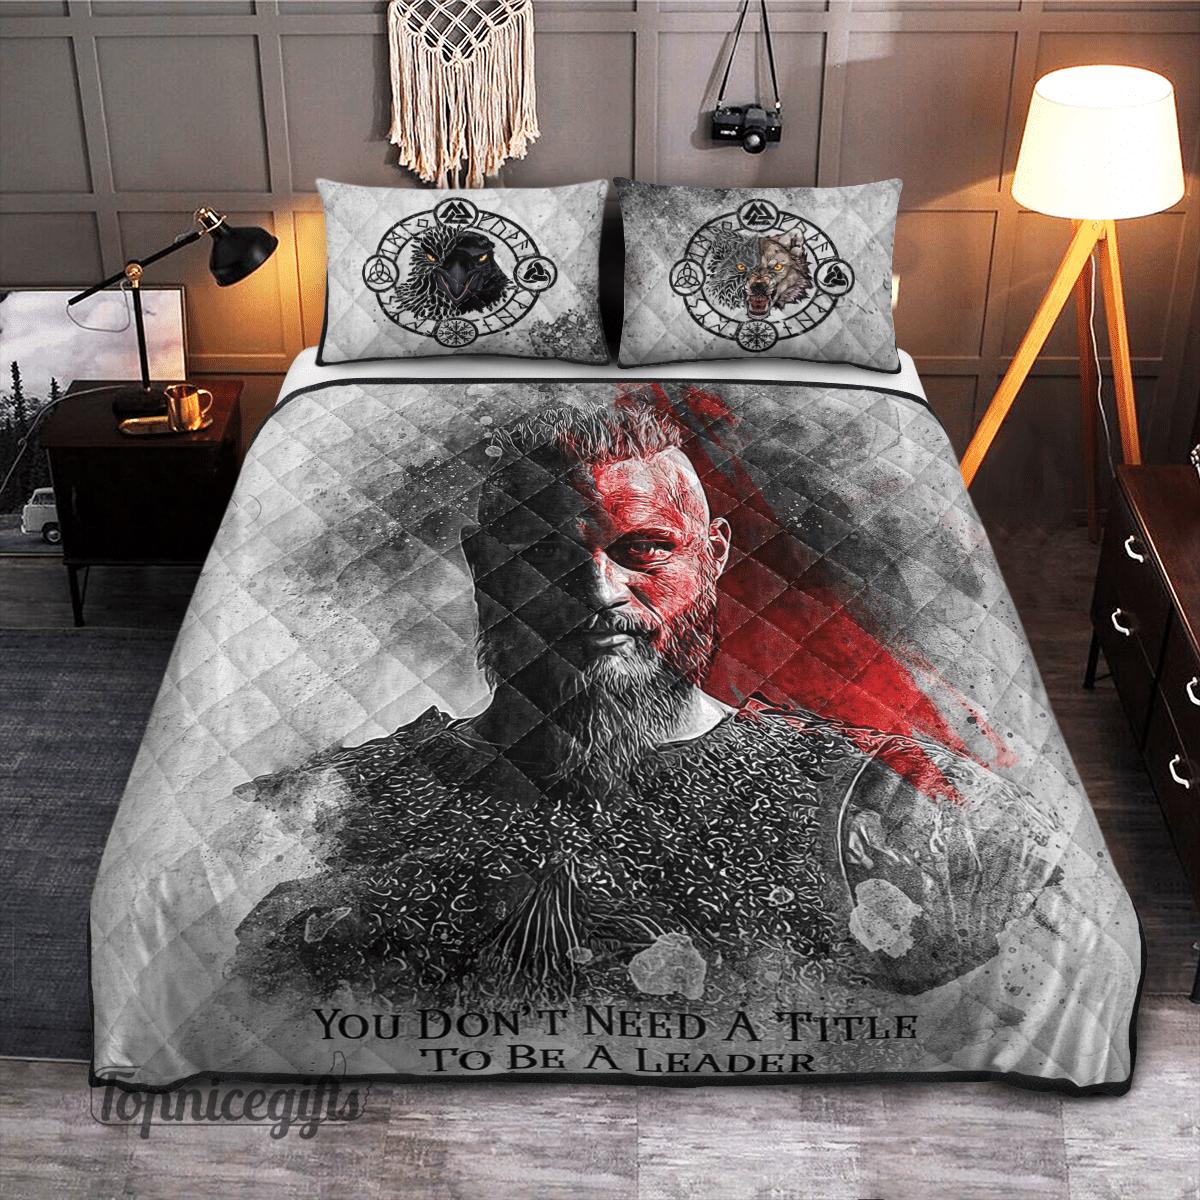 Viking Ragnar Lothbrok Leader Quilt Bedding Set